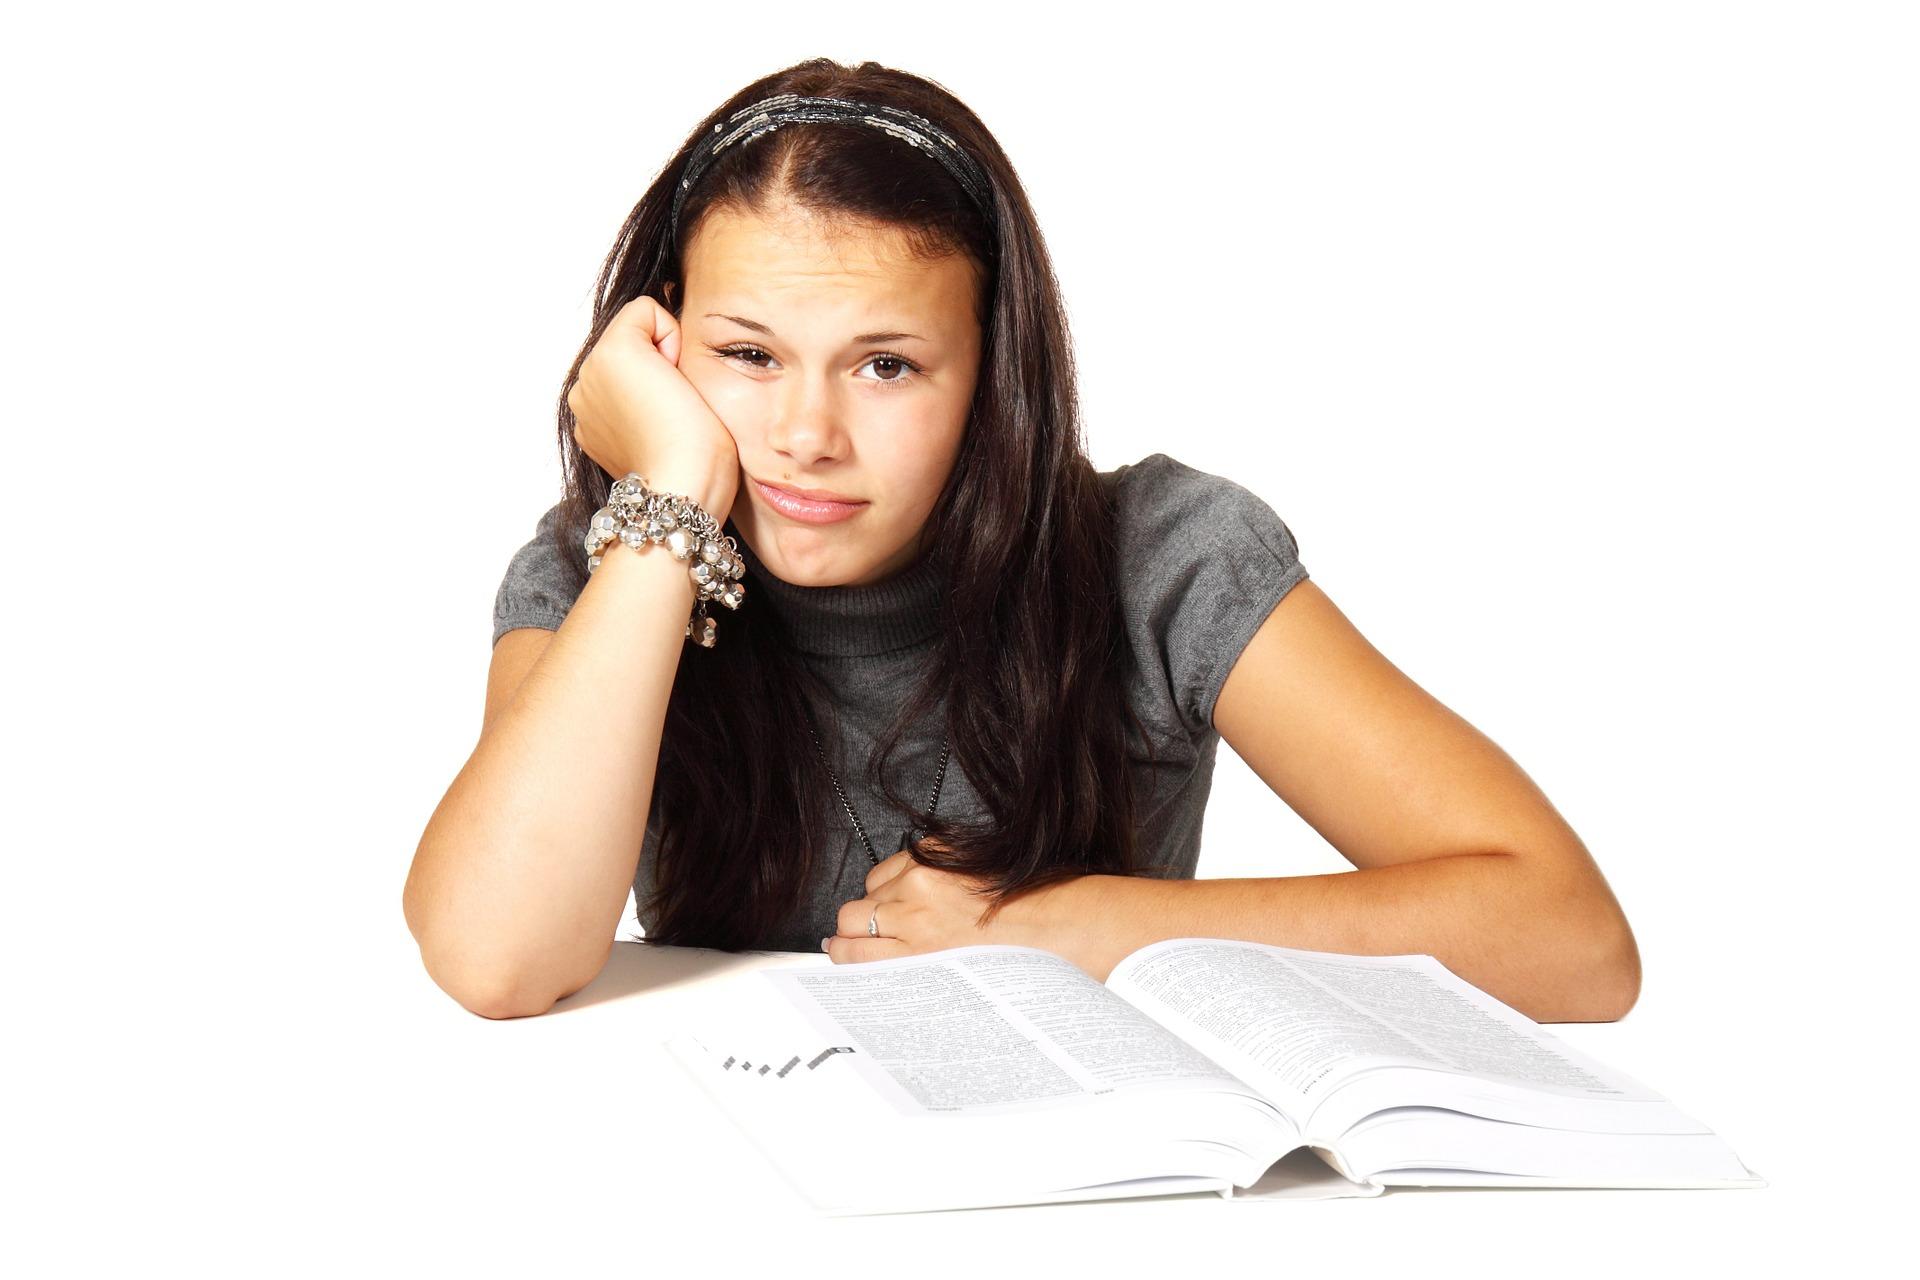 但有很多人常熬夜 有的是因為工作、有的因為學校 有的是習慣、有的可能是身體生病了Q_Q